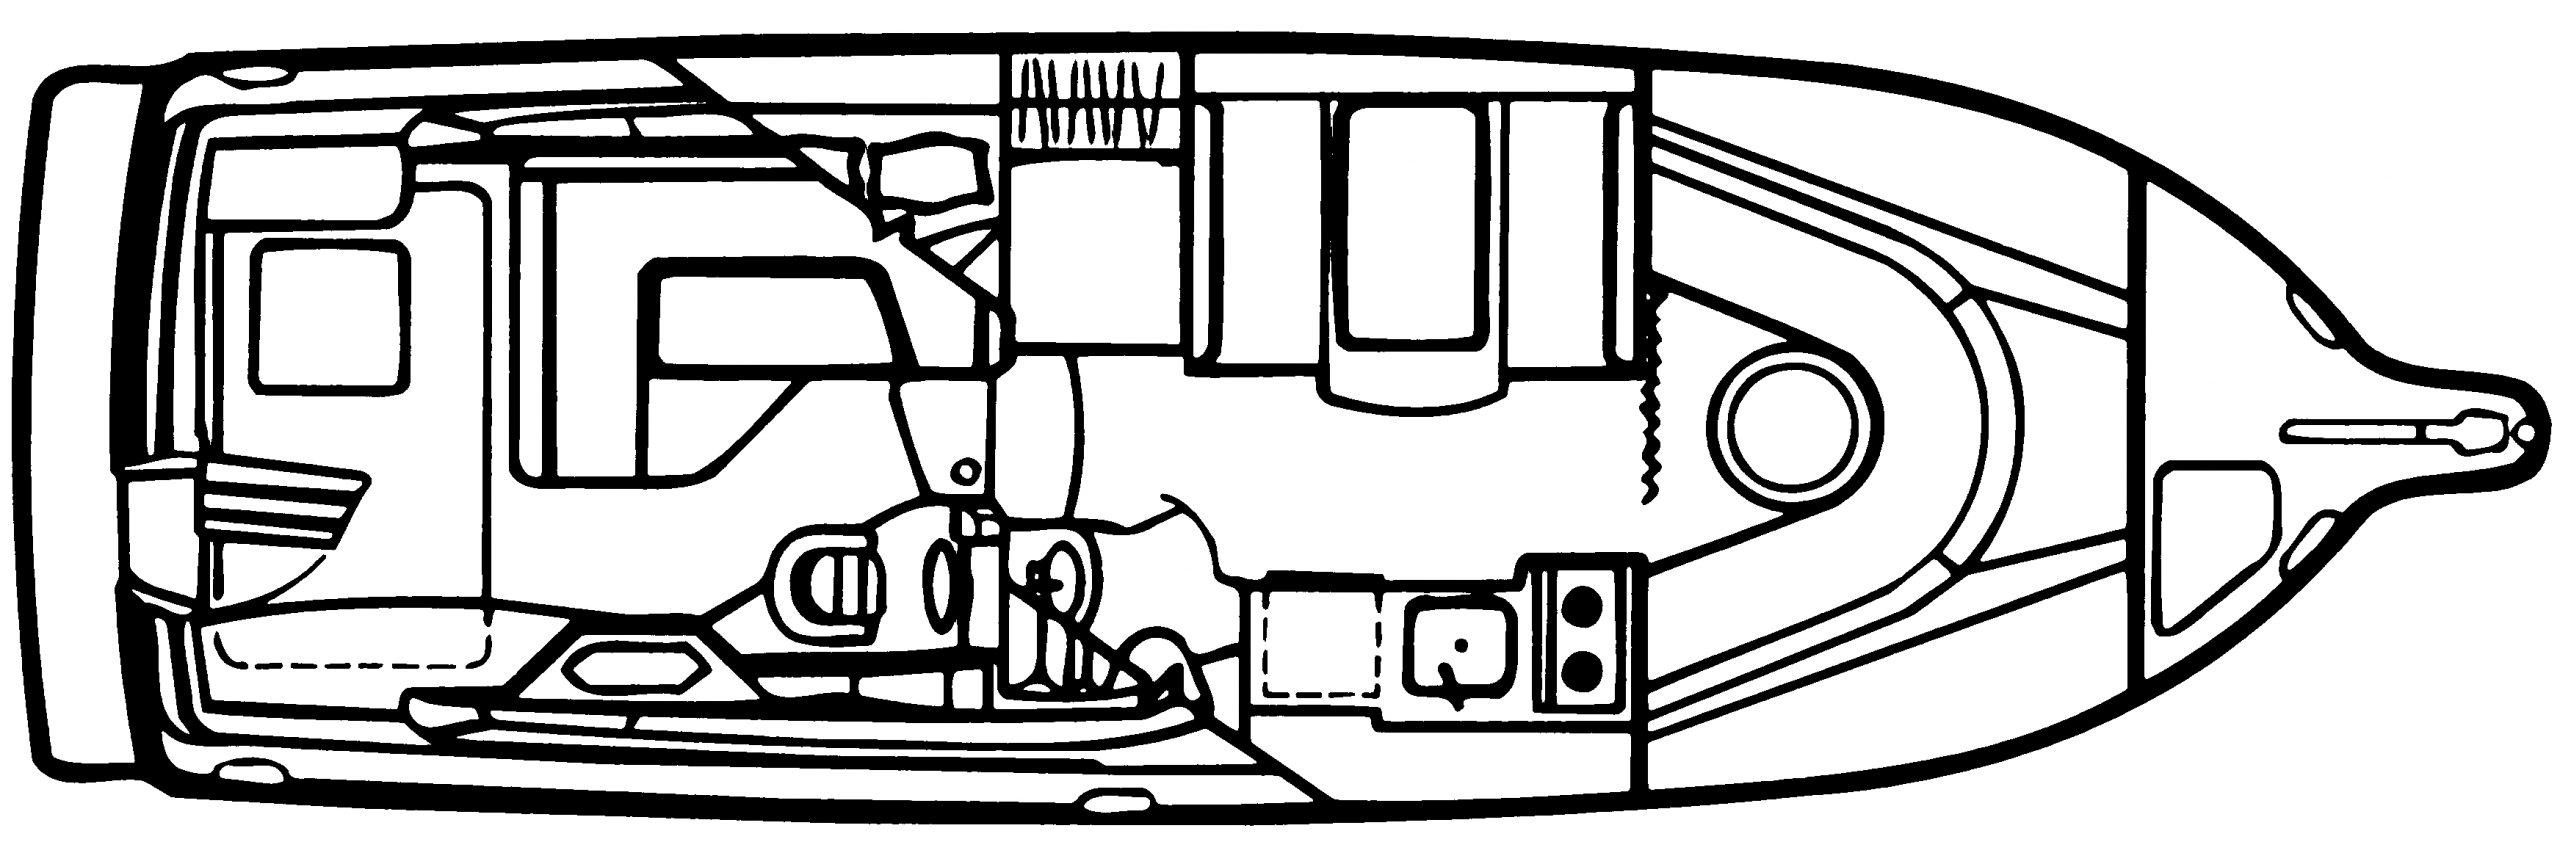 3255 Avanti Sunbridge Floor Plan 1